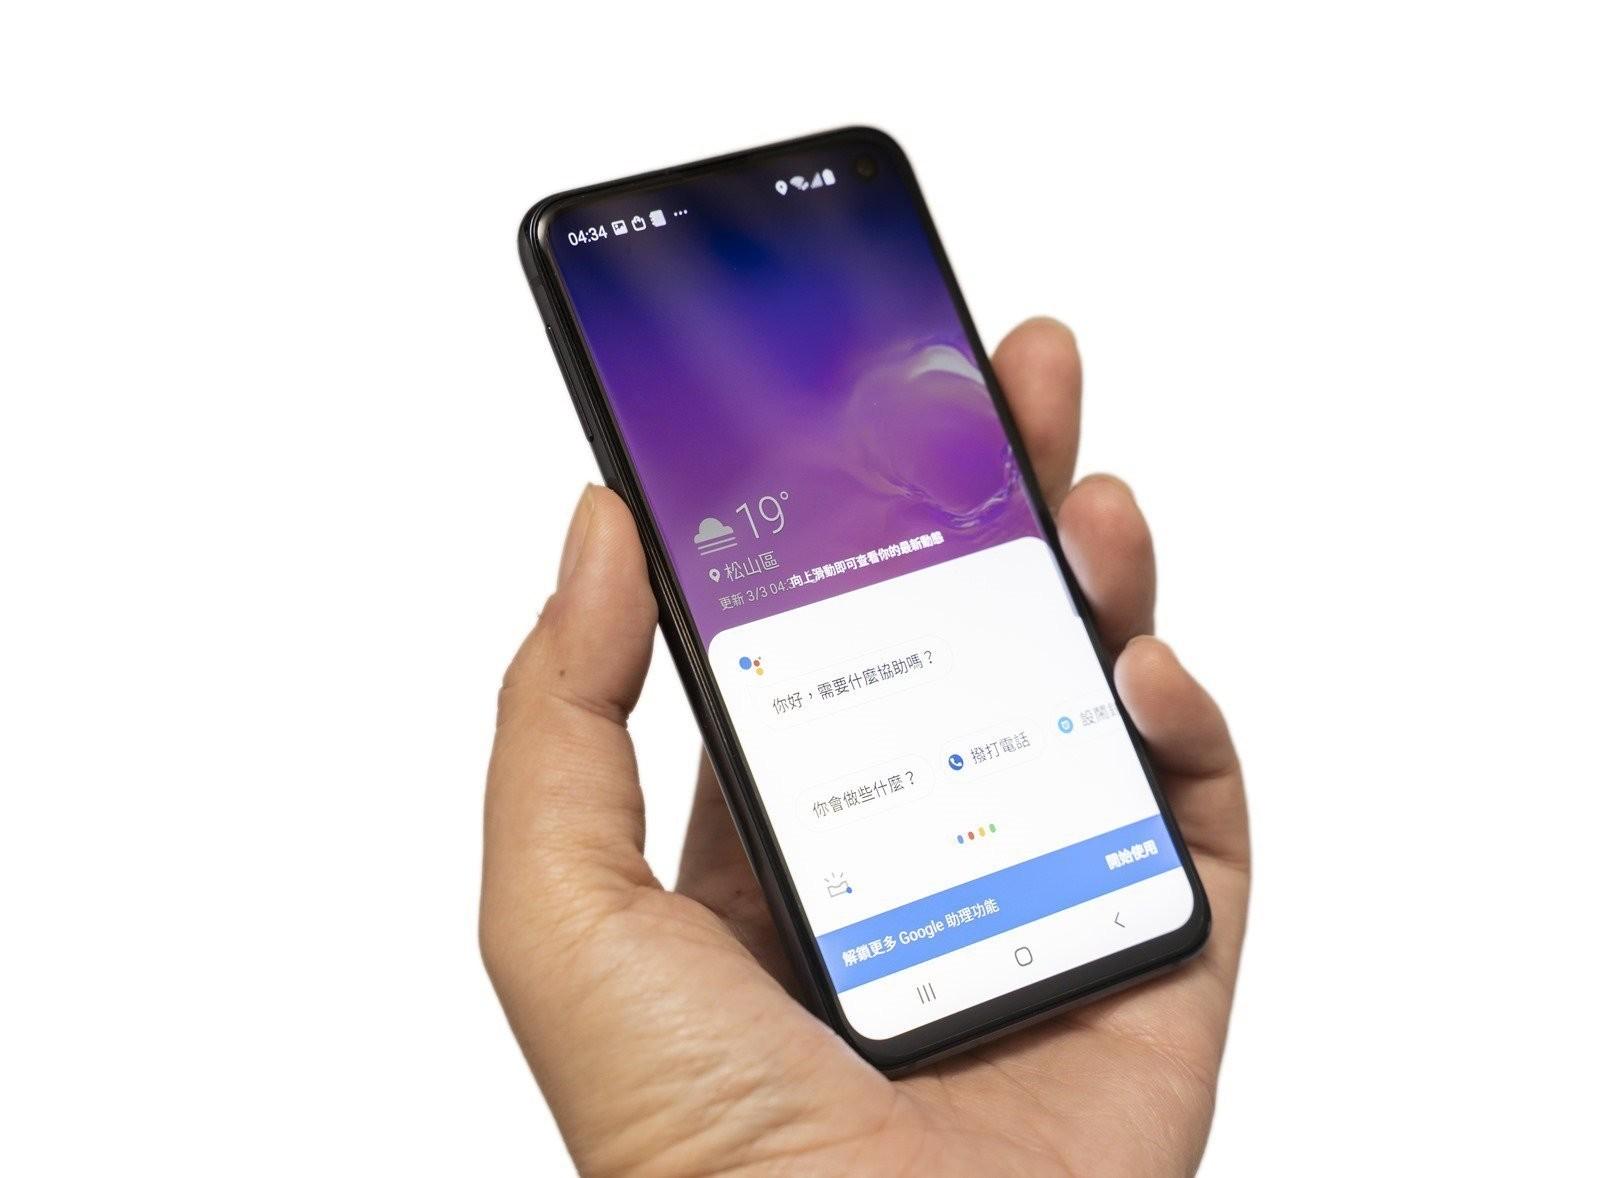 是將三星 Bixby 按鈕設定為 Google 語音助理方法 (One UI 與 Android 9 新版對應,S10 實測可用 )這篇文章的首圖